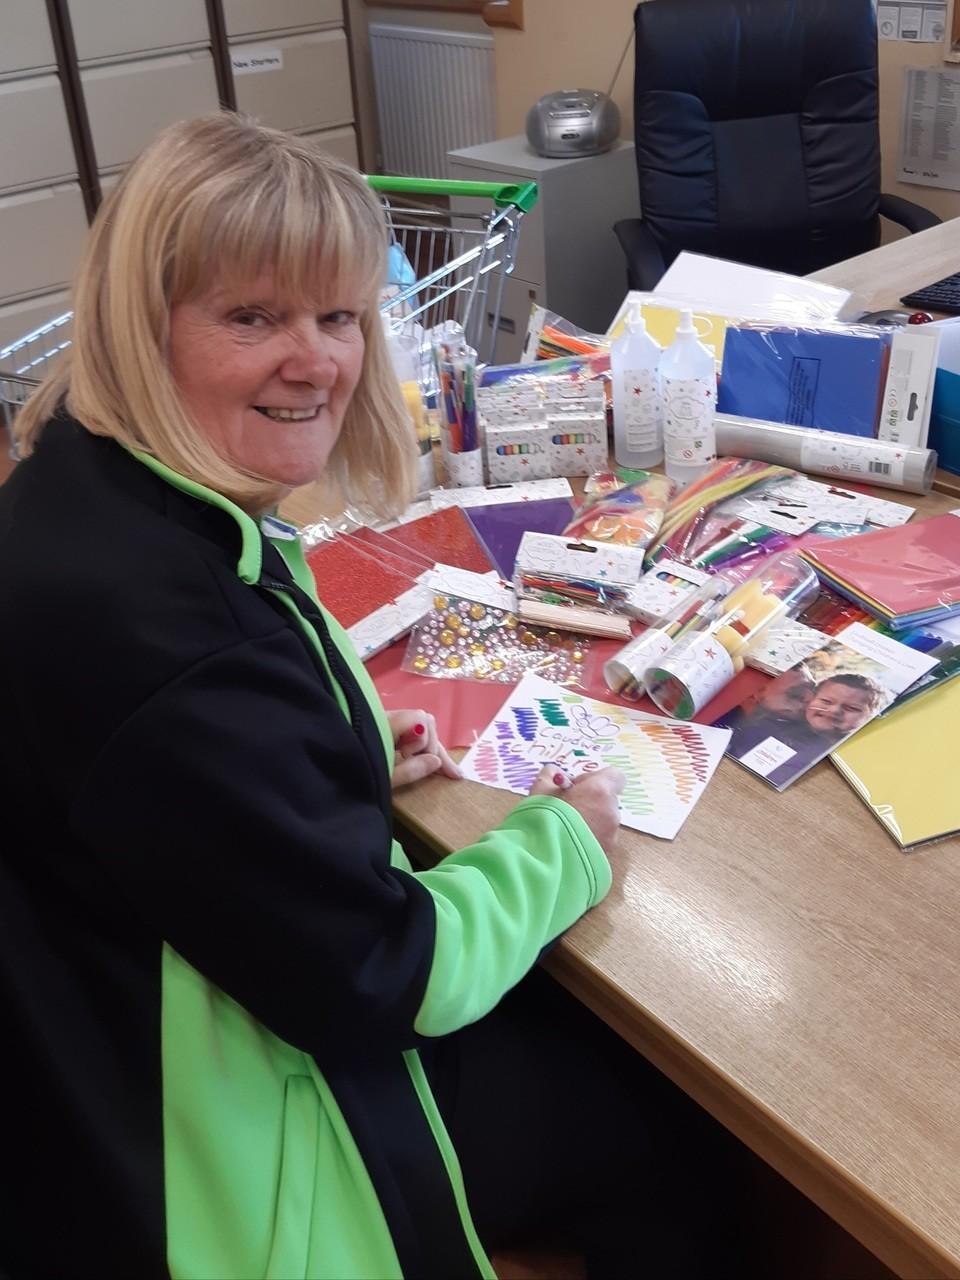 Holiday craft supplies for Caudwell Children | Asda Wolstanton